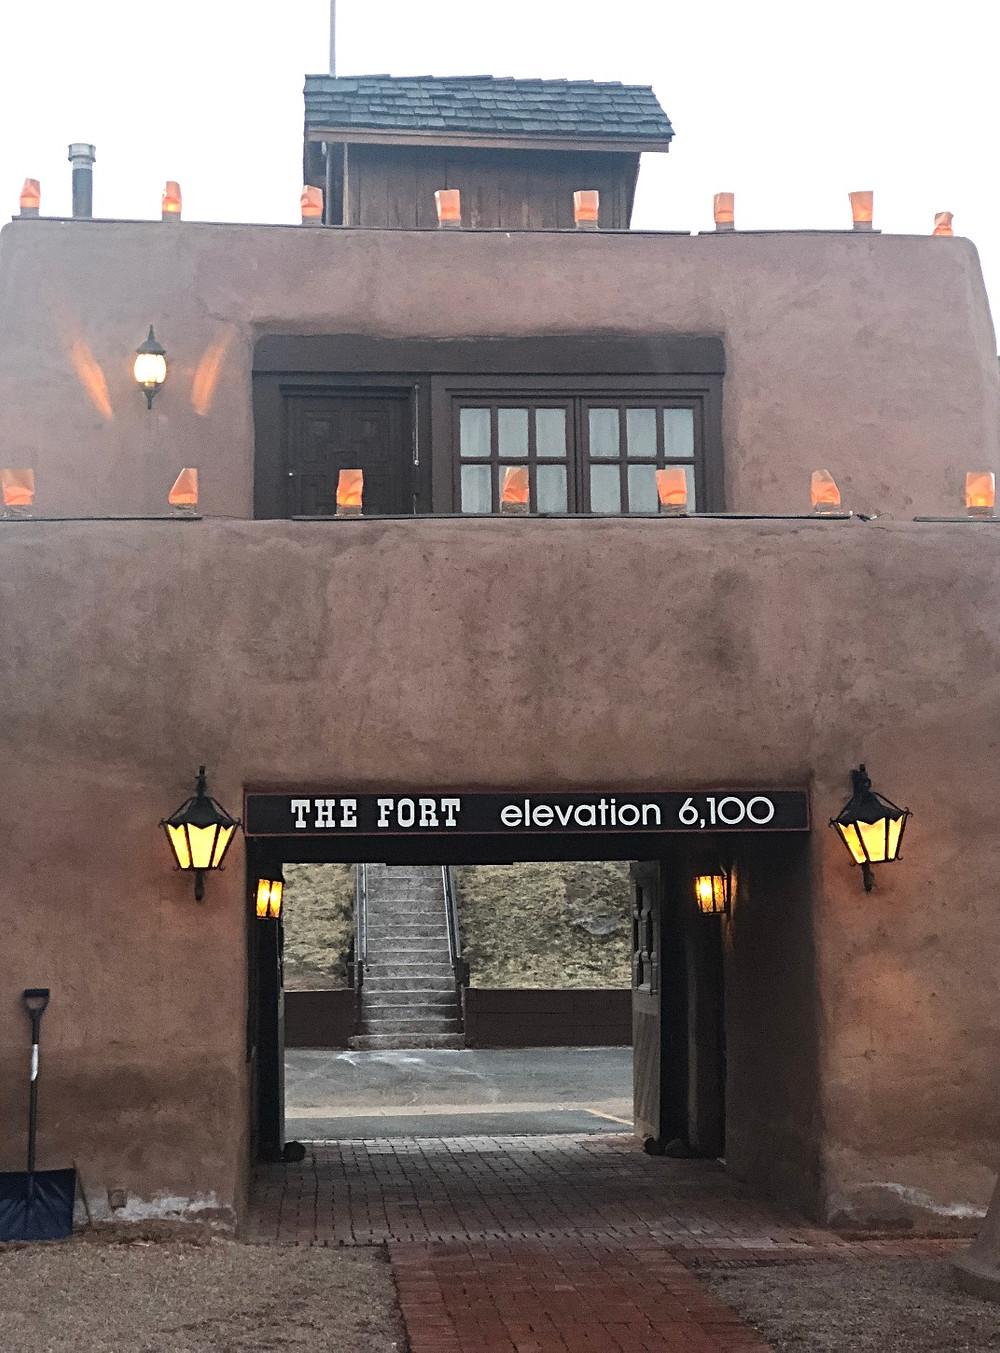 The Fort elevation 6,100 Denver, CO